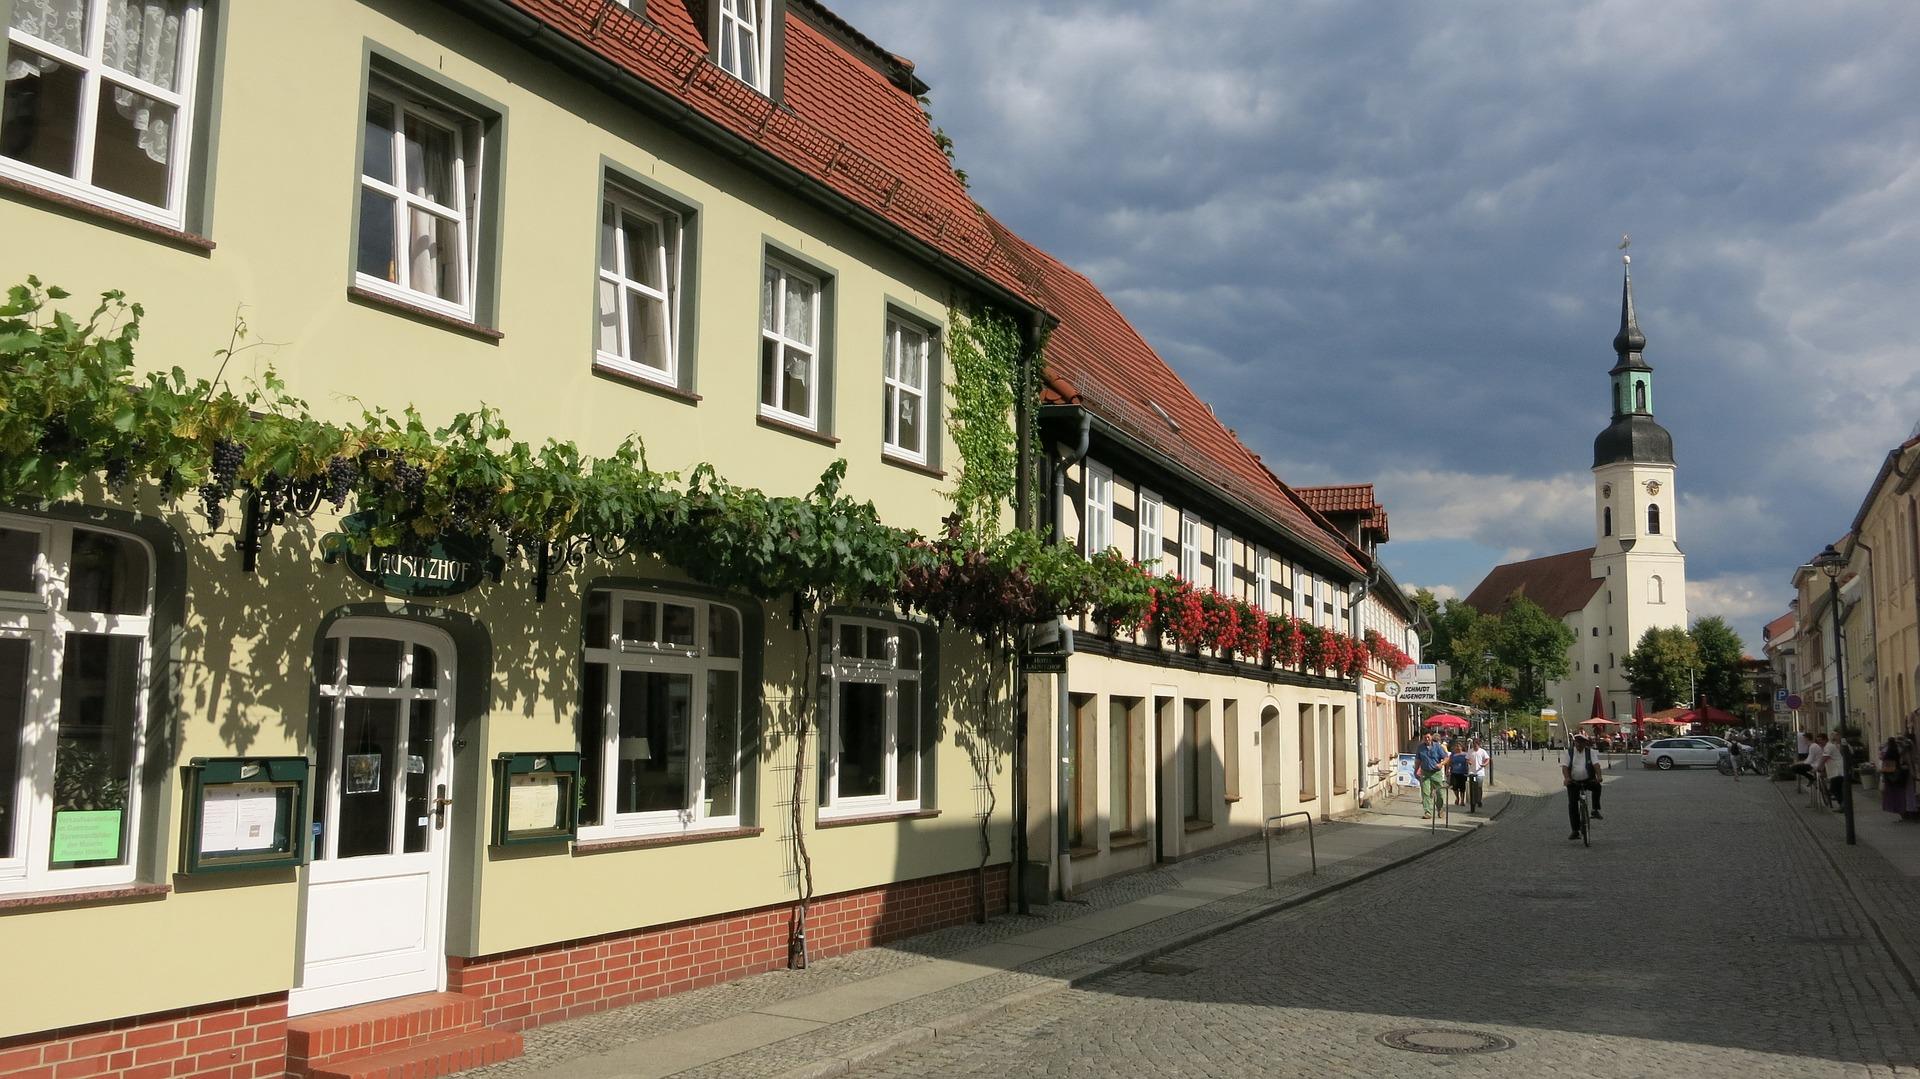 lübbenau Germany